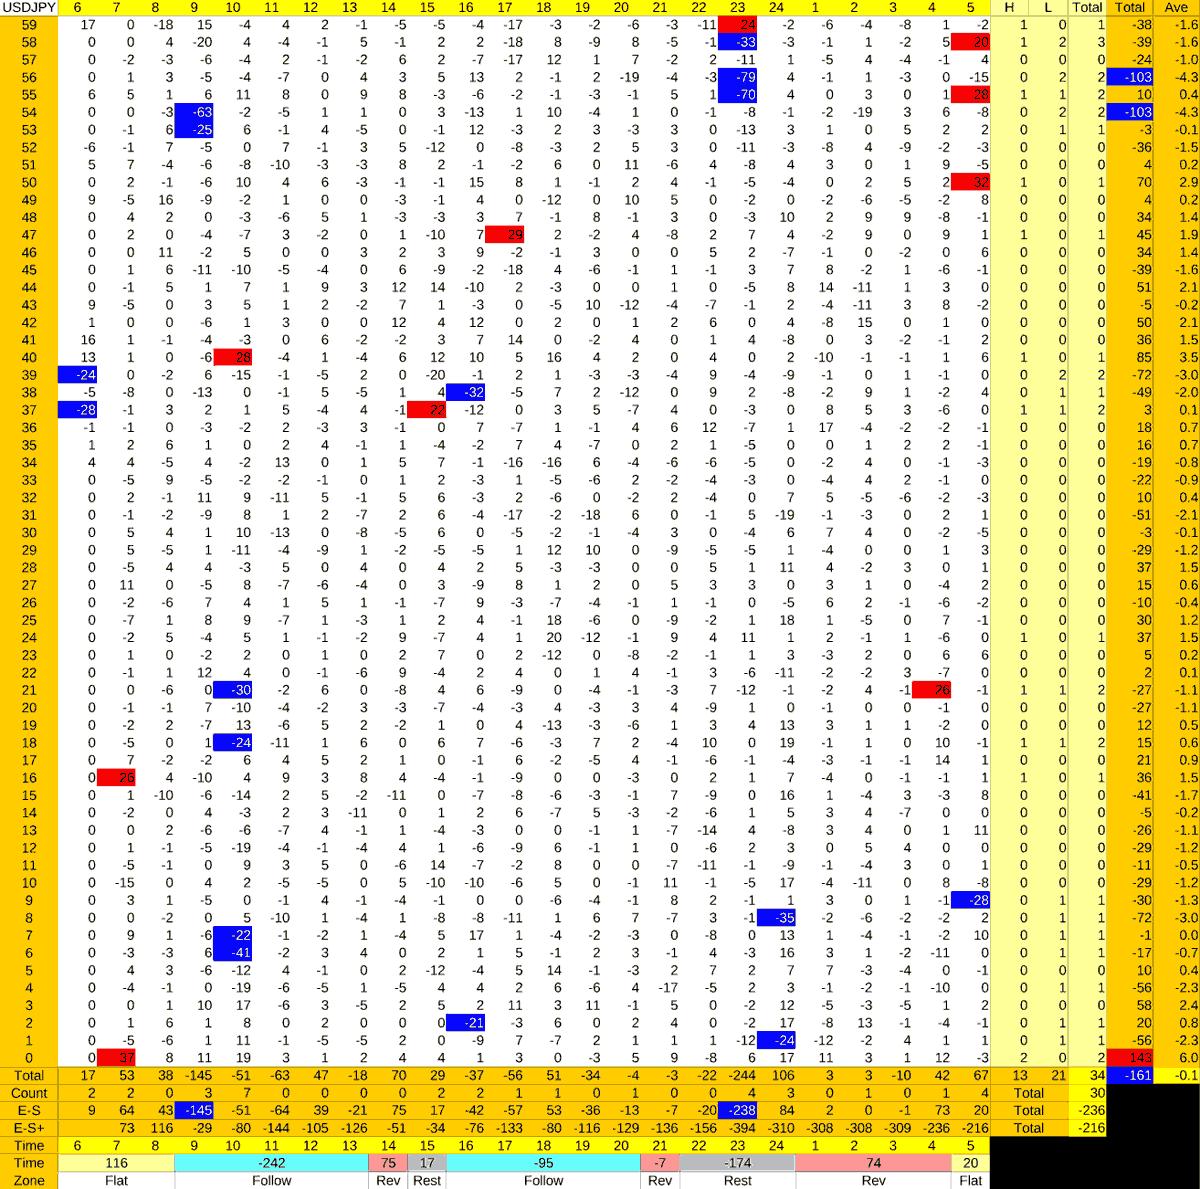 20210531_HS(1)USDJPY